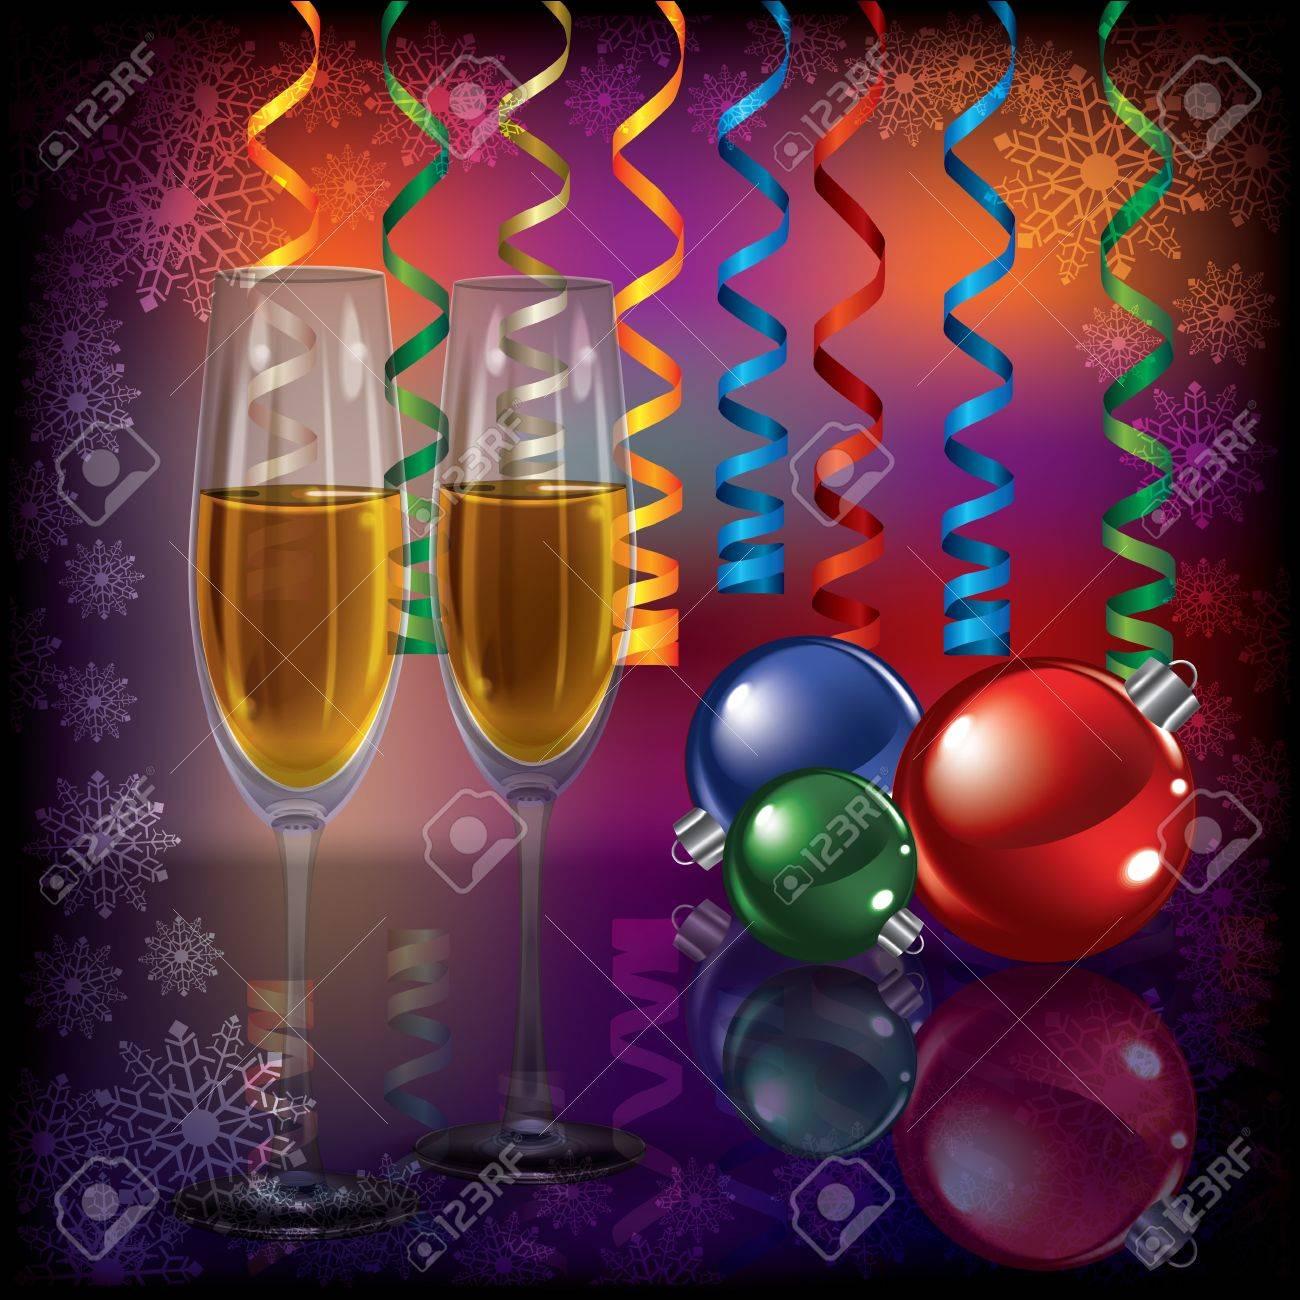 Abstract Weihnachten Dunkel Begrüßung Mit Champagner Und ...